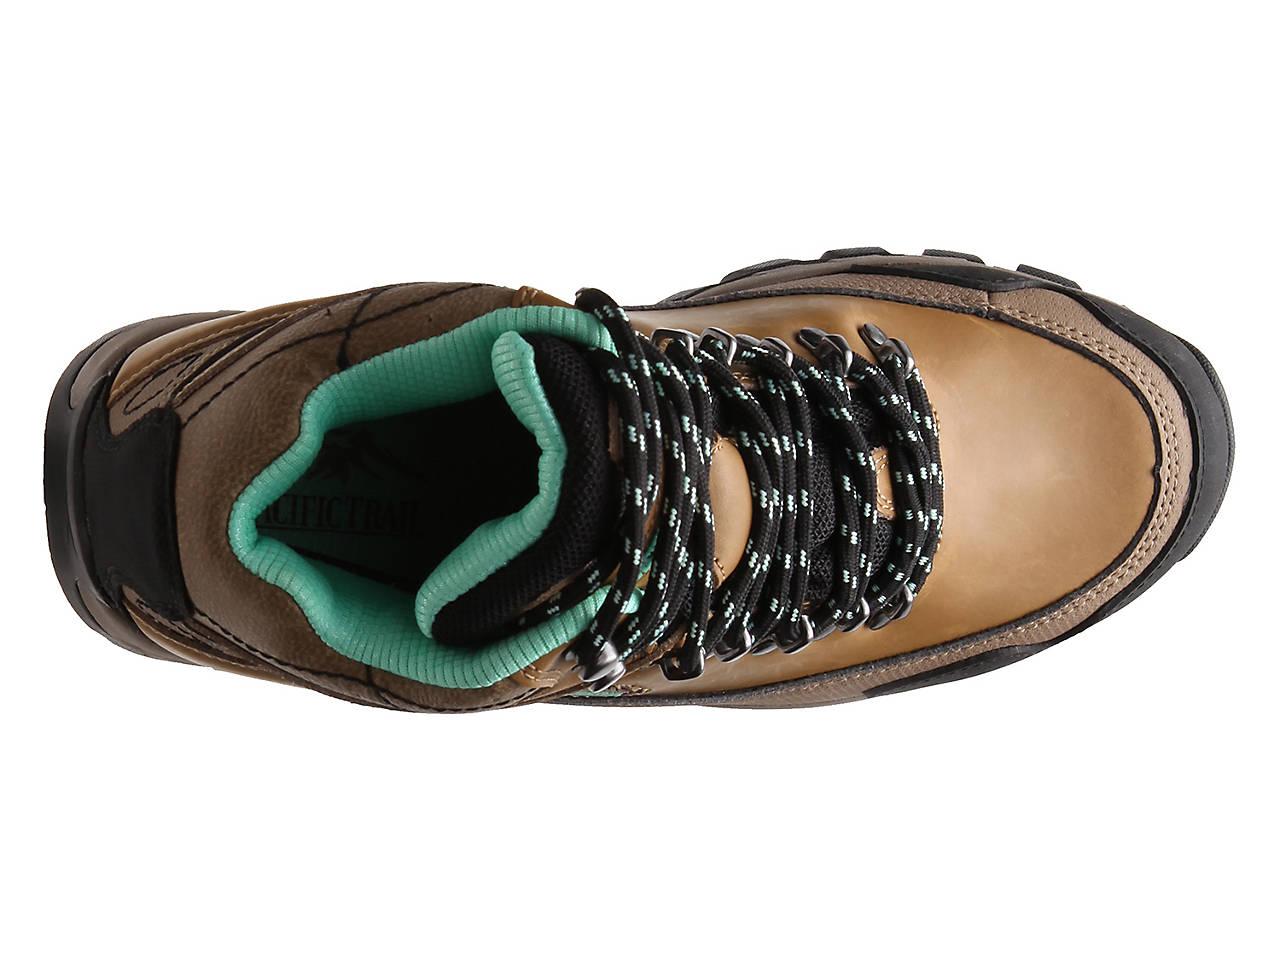 77f91ec0af3 Rainier Hiking Boot